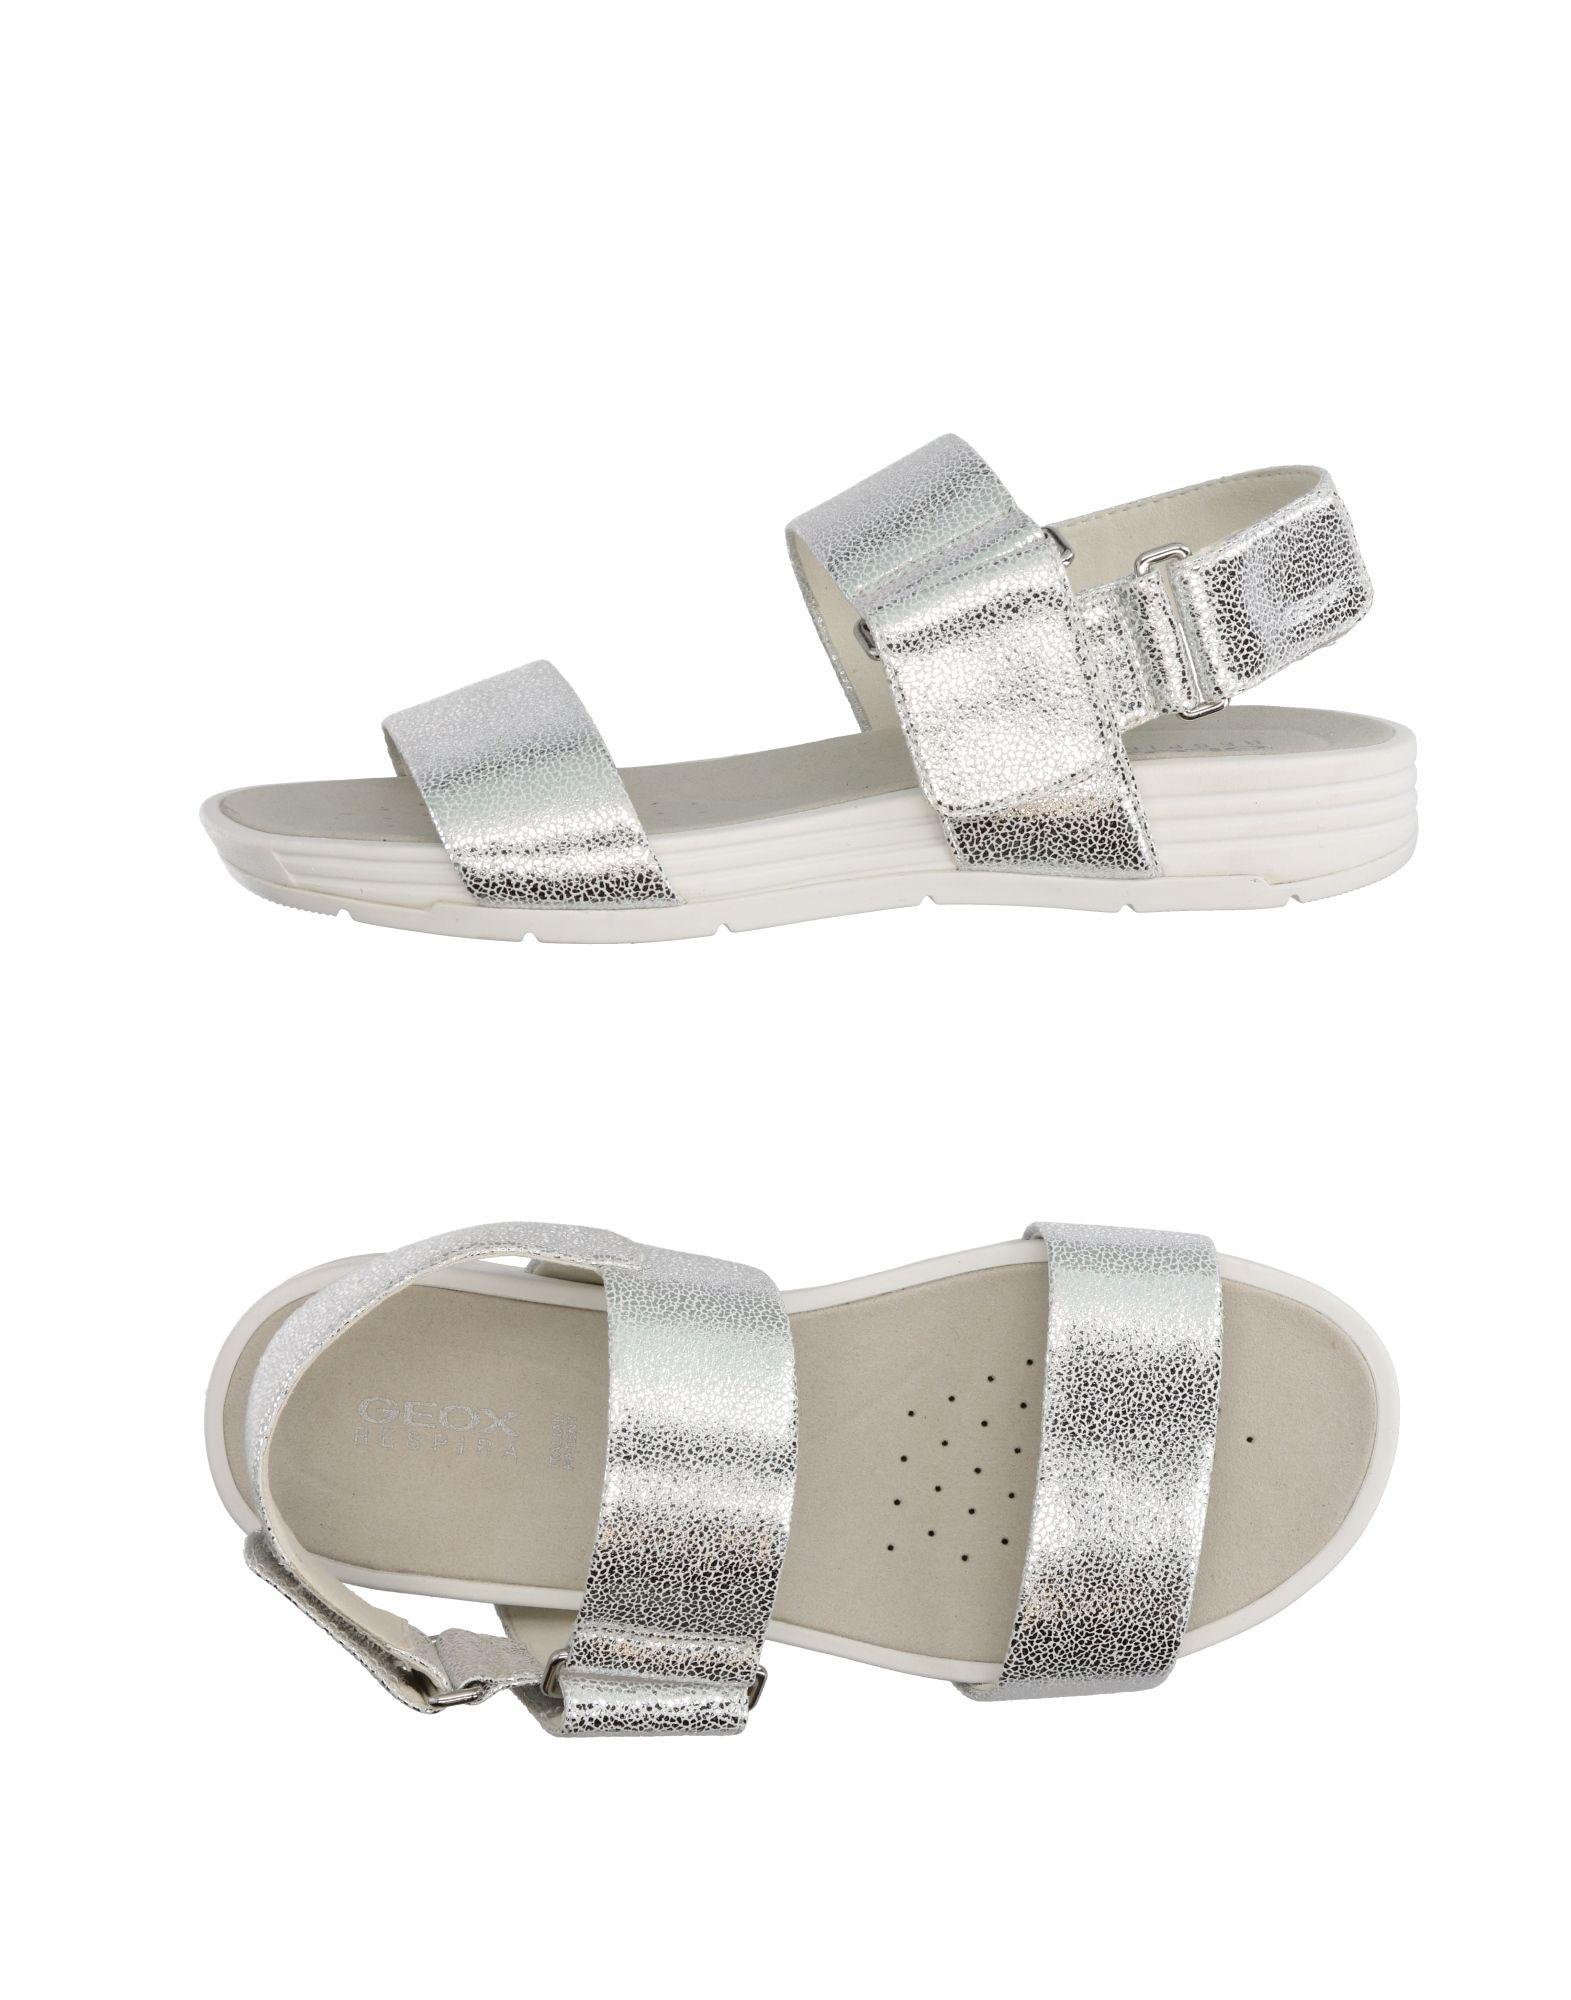 5d23d0e3372ce Geox Sandals In Silver